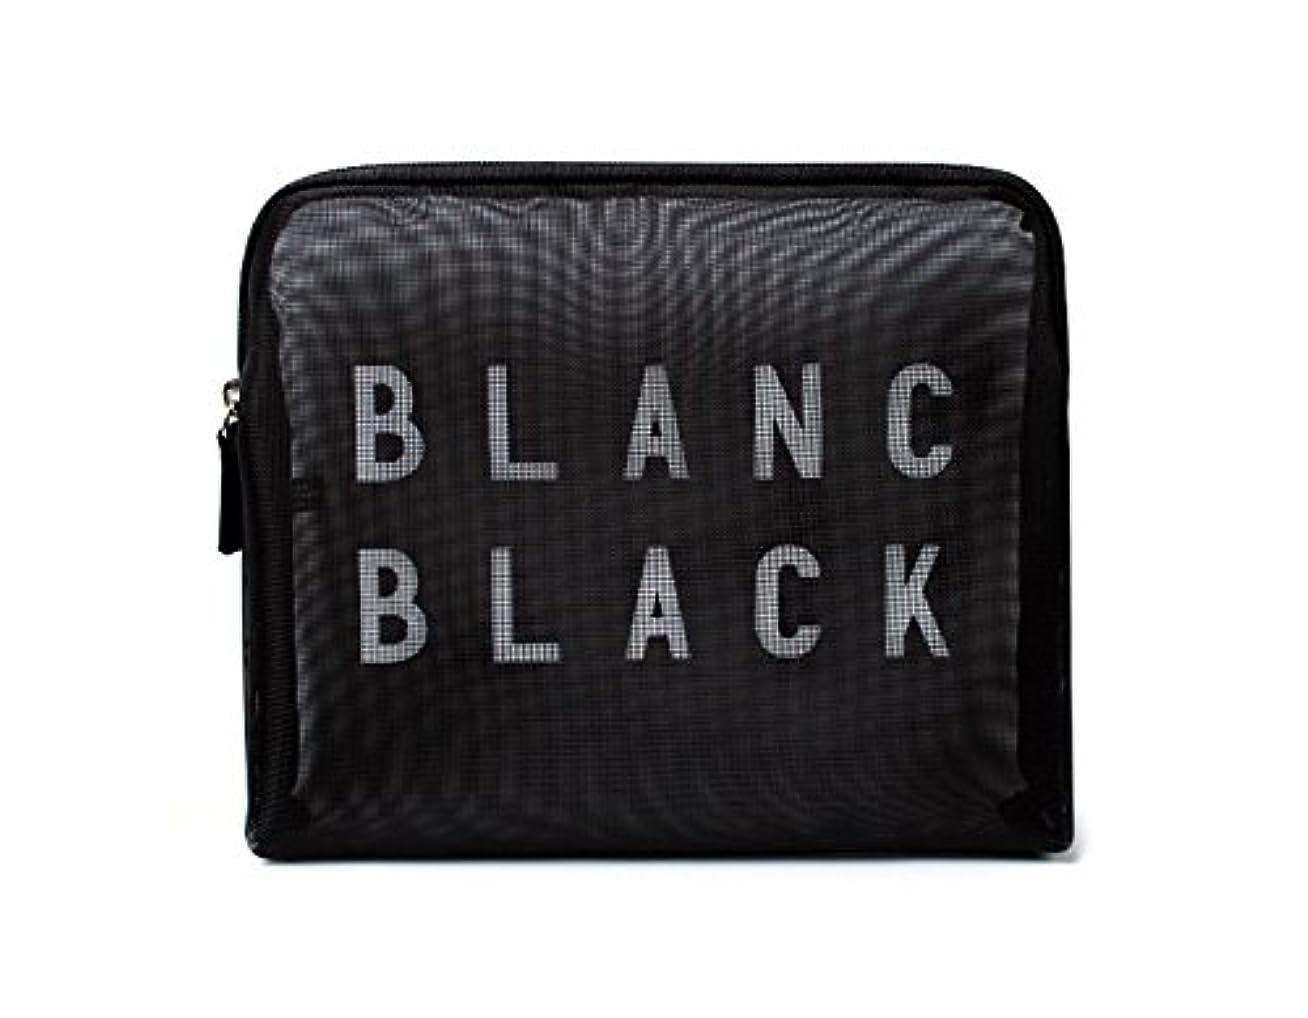 対象しみ法律[ブランク ブラック] Blanc Black メッシュ化粧ポーチ メイクポーチ 風呂セットのポーチ 旅行出張用ポーチ 海外直送品 Mesh Pouch [並行輸入品]